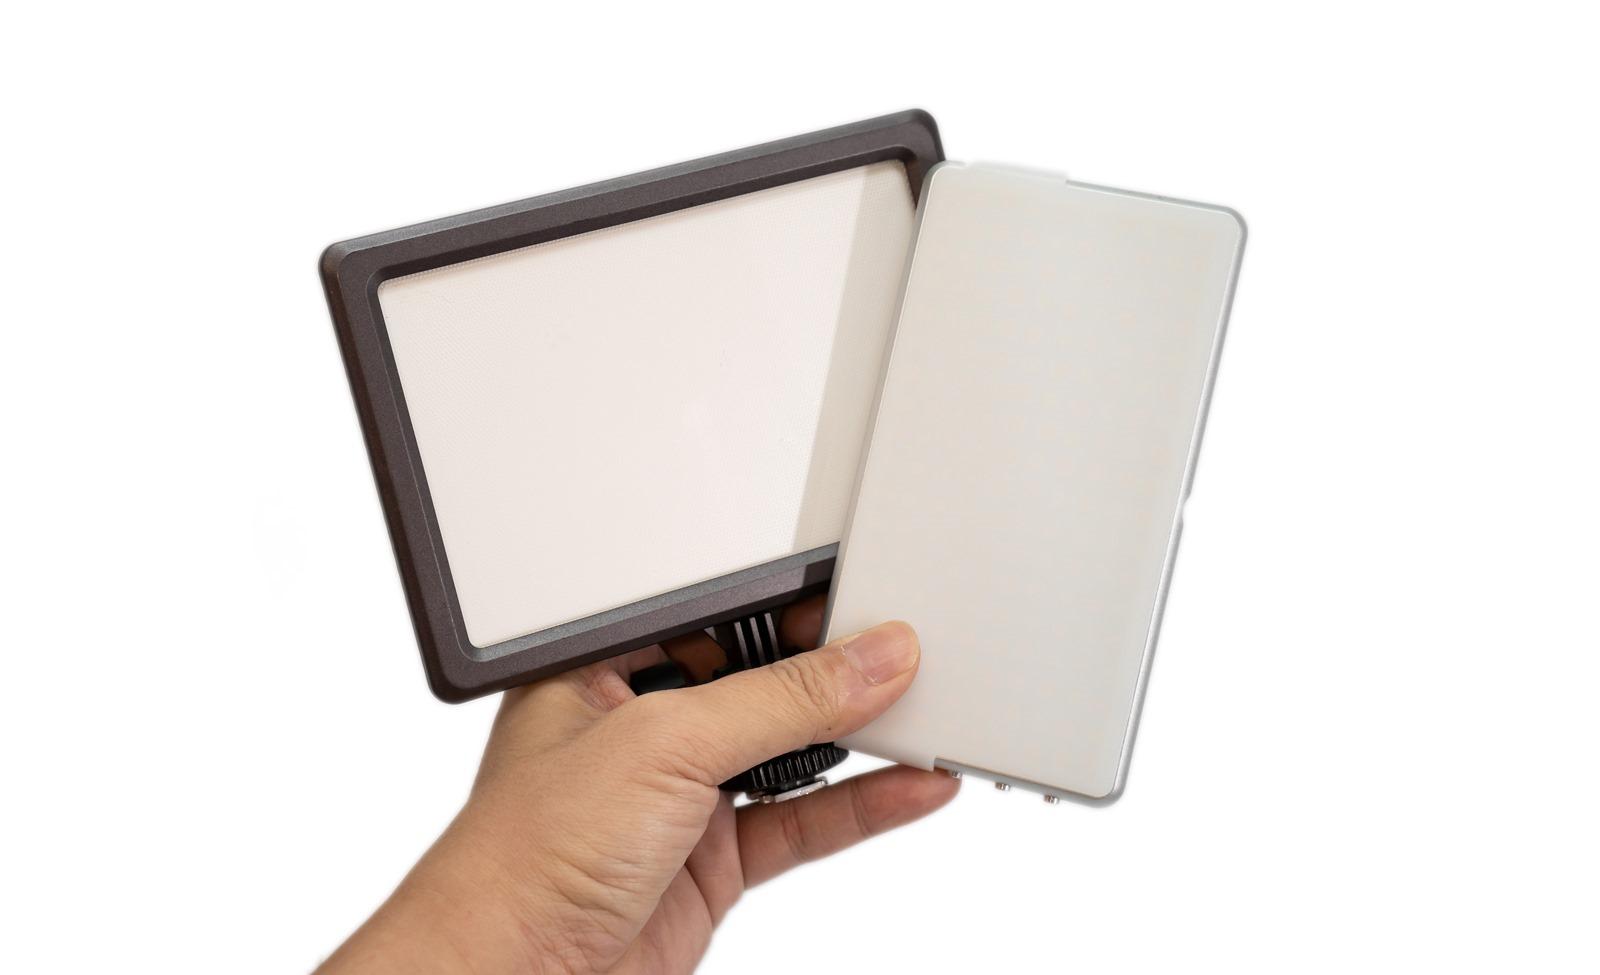 超小巧攝影補光神器!和手機一樣大的 sidand STD-X180LED 攝影燈開箱! @3C 達人廖阿輝